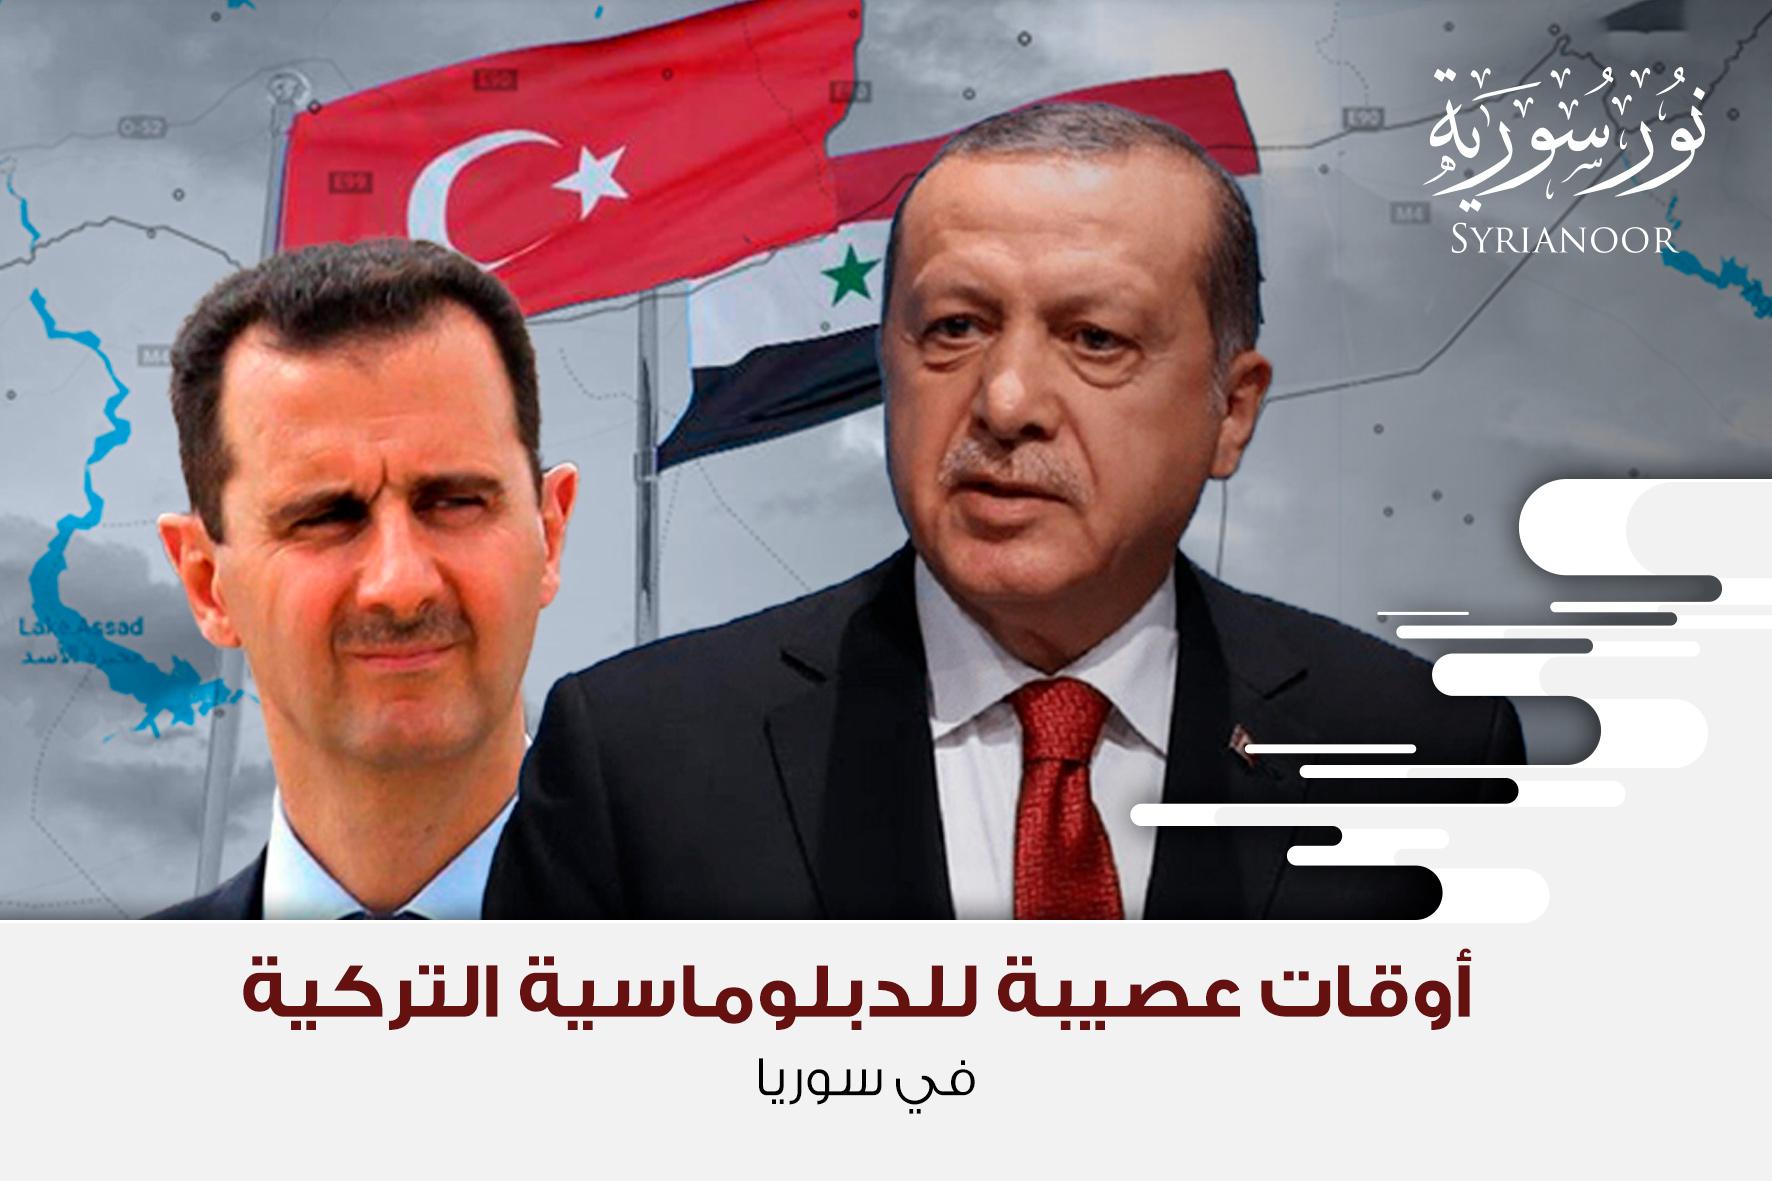 أوقات عصيبة للدبلوماسية التركية في سوريا